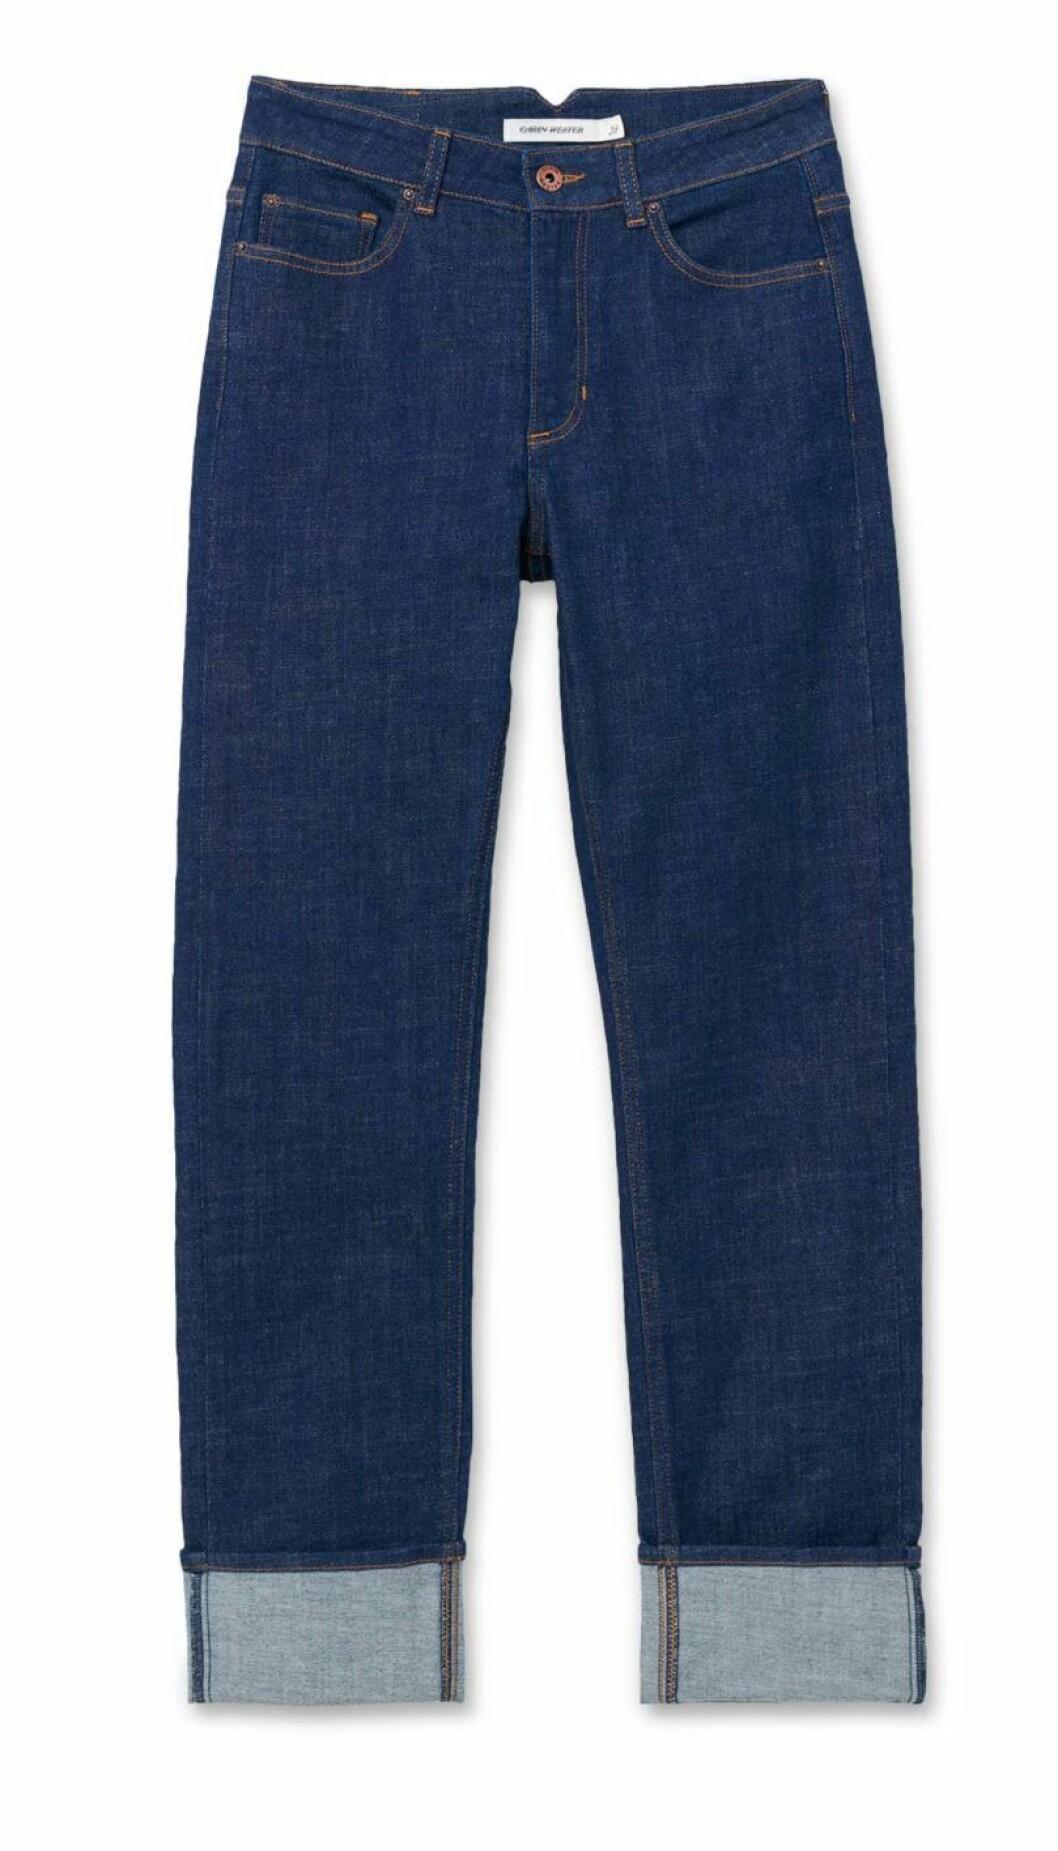 mörk-blå-denim-jeans-ahlens